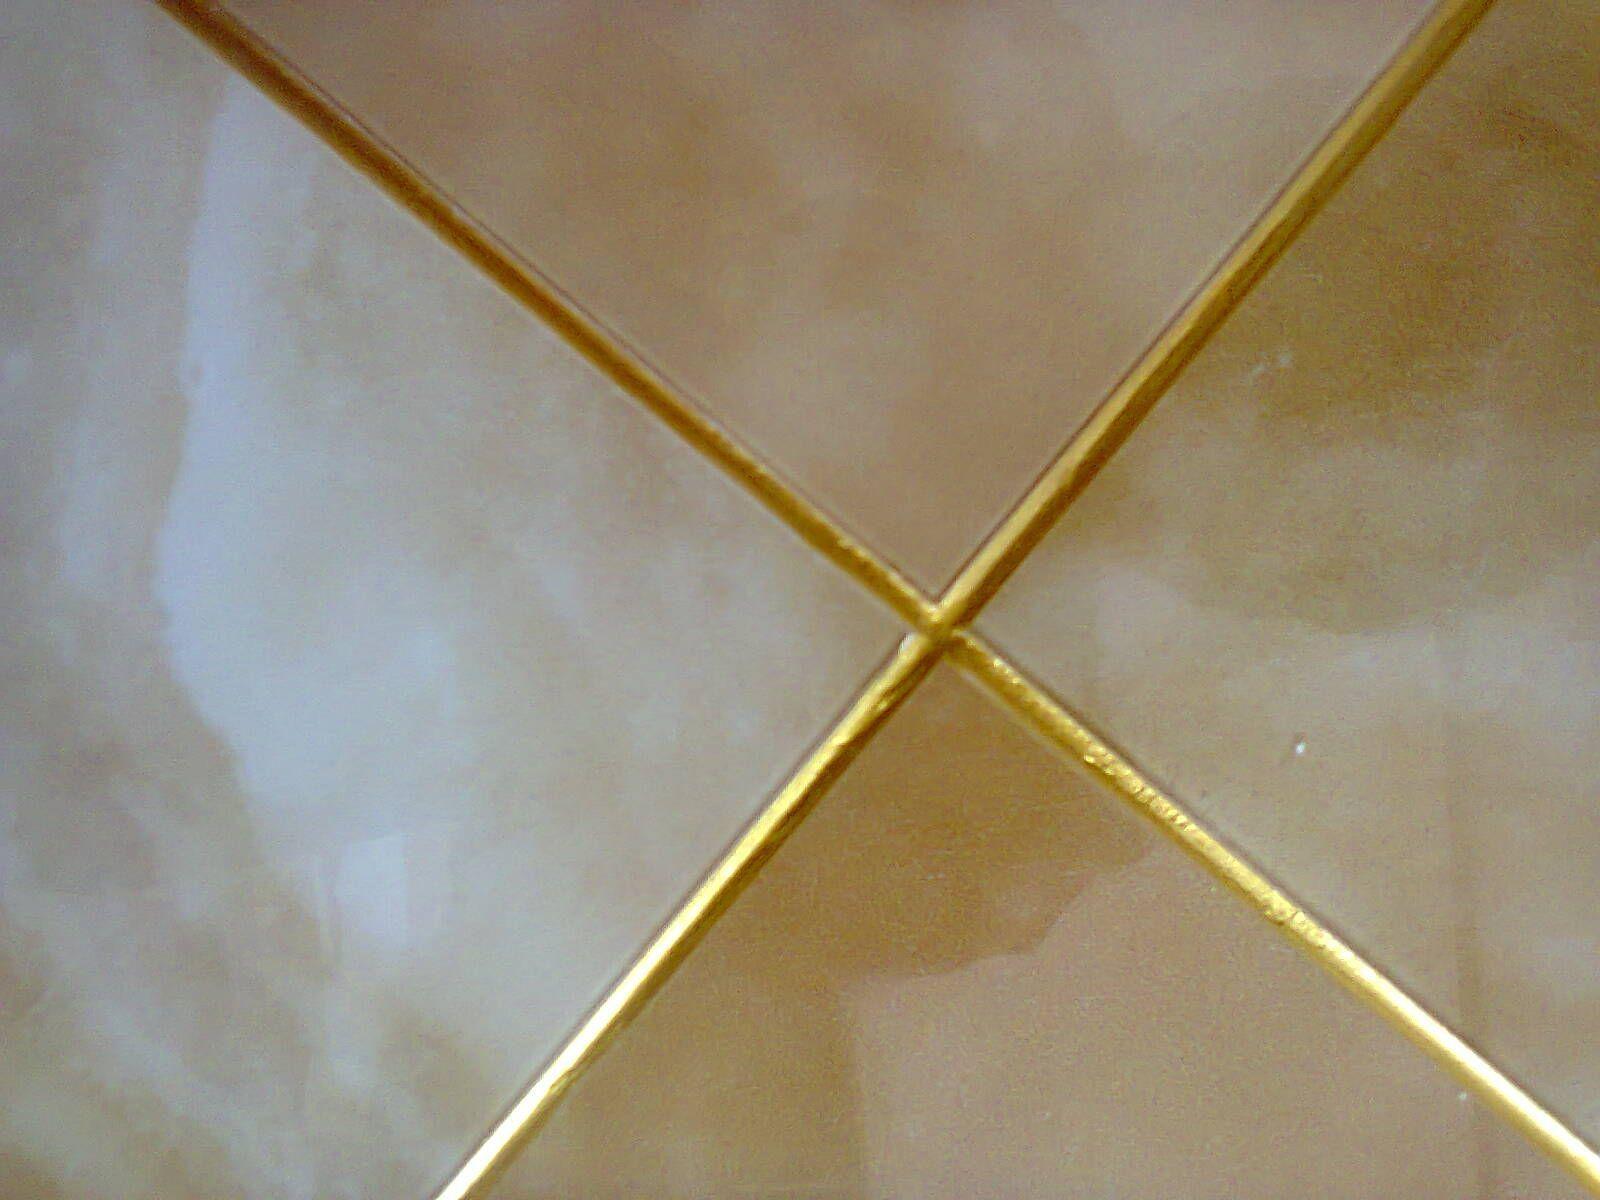 瓷砖做美缝的缺点 瓷砖做美缝好吗